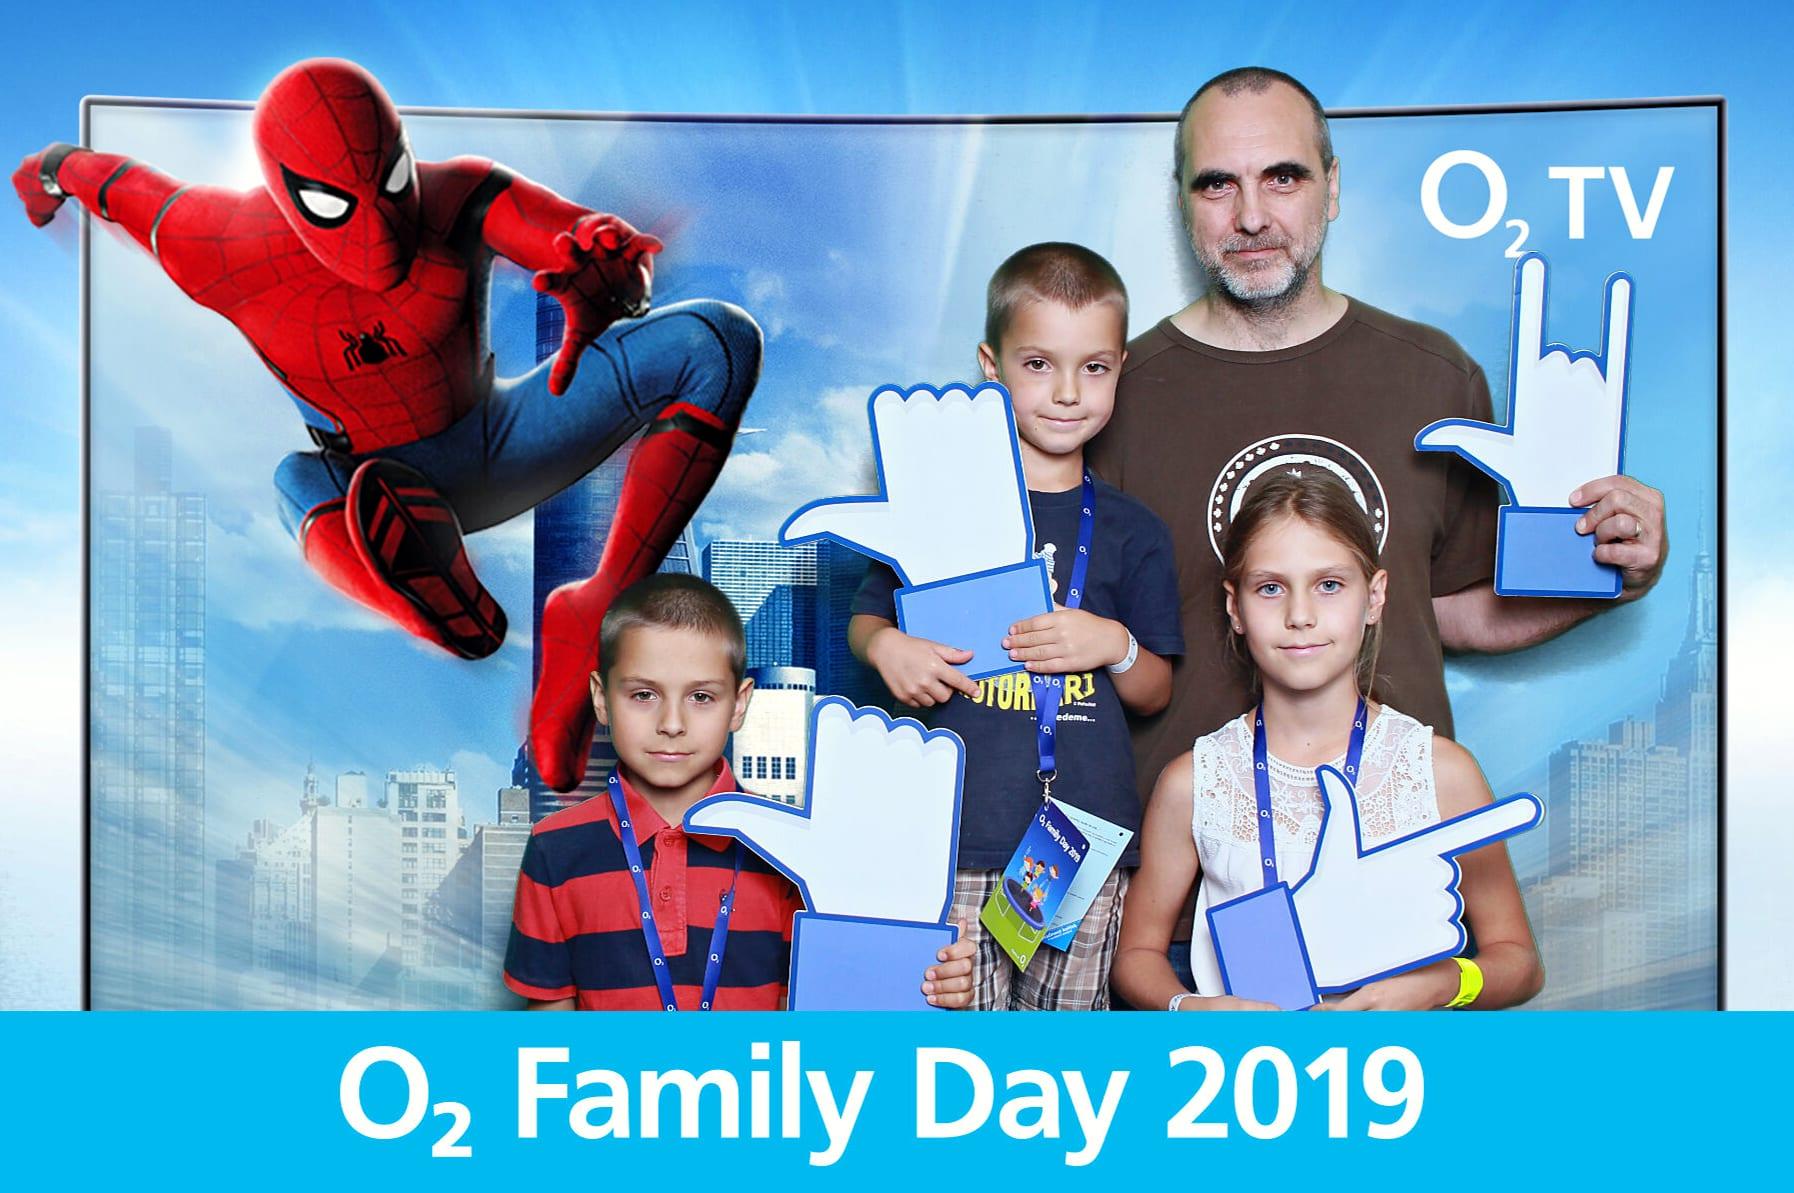 fotokoutek-family-day-praha-o2-family-day-5-9-2019-647614